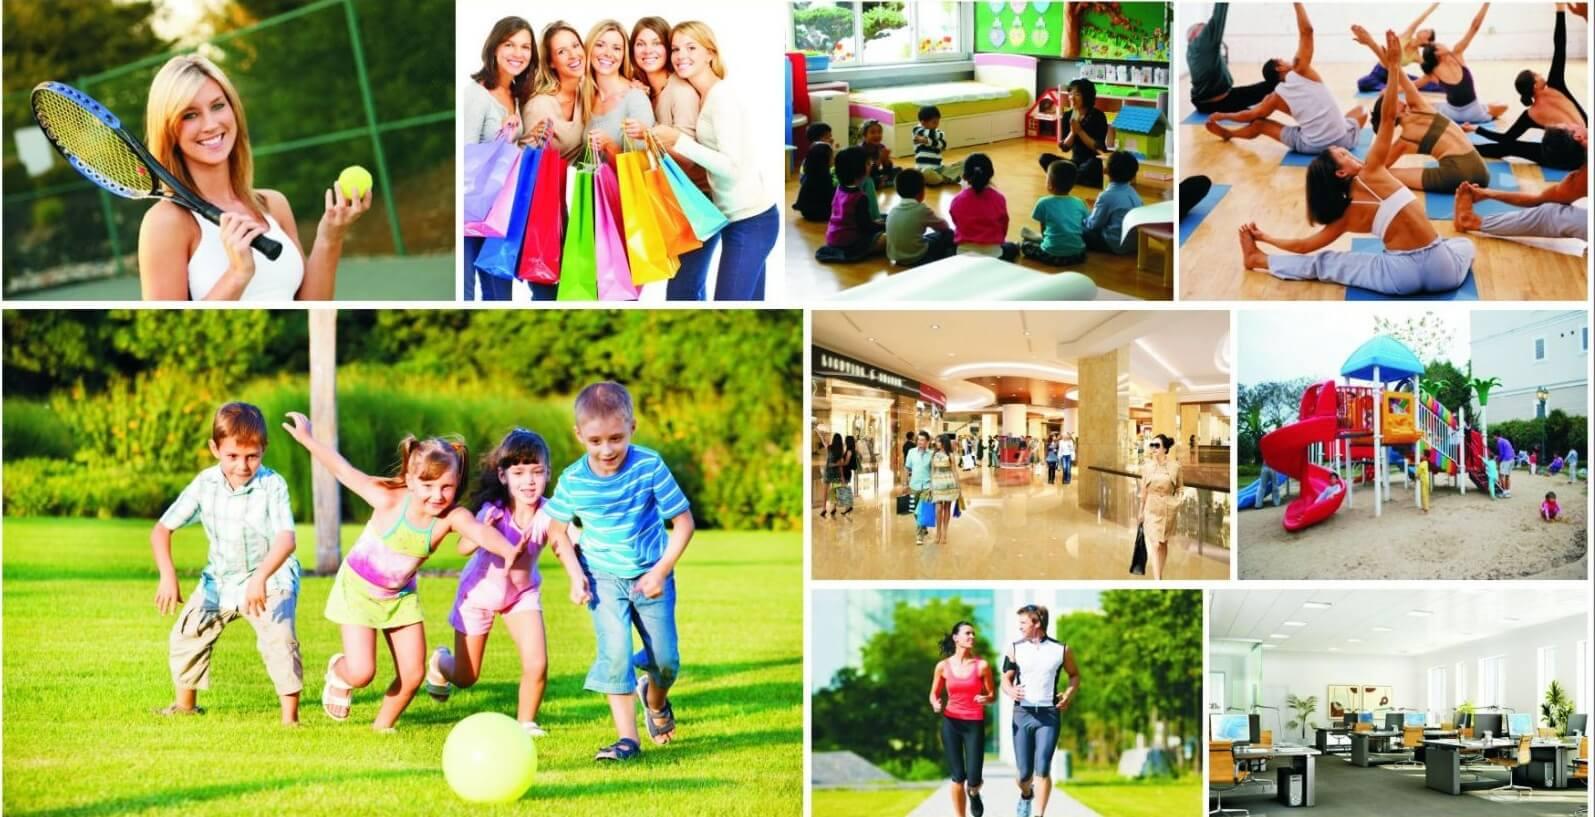 Khu vui chơi và nhà trẻ dành tại chung cư Roman Plaza